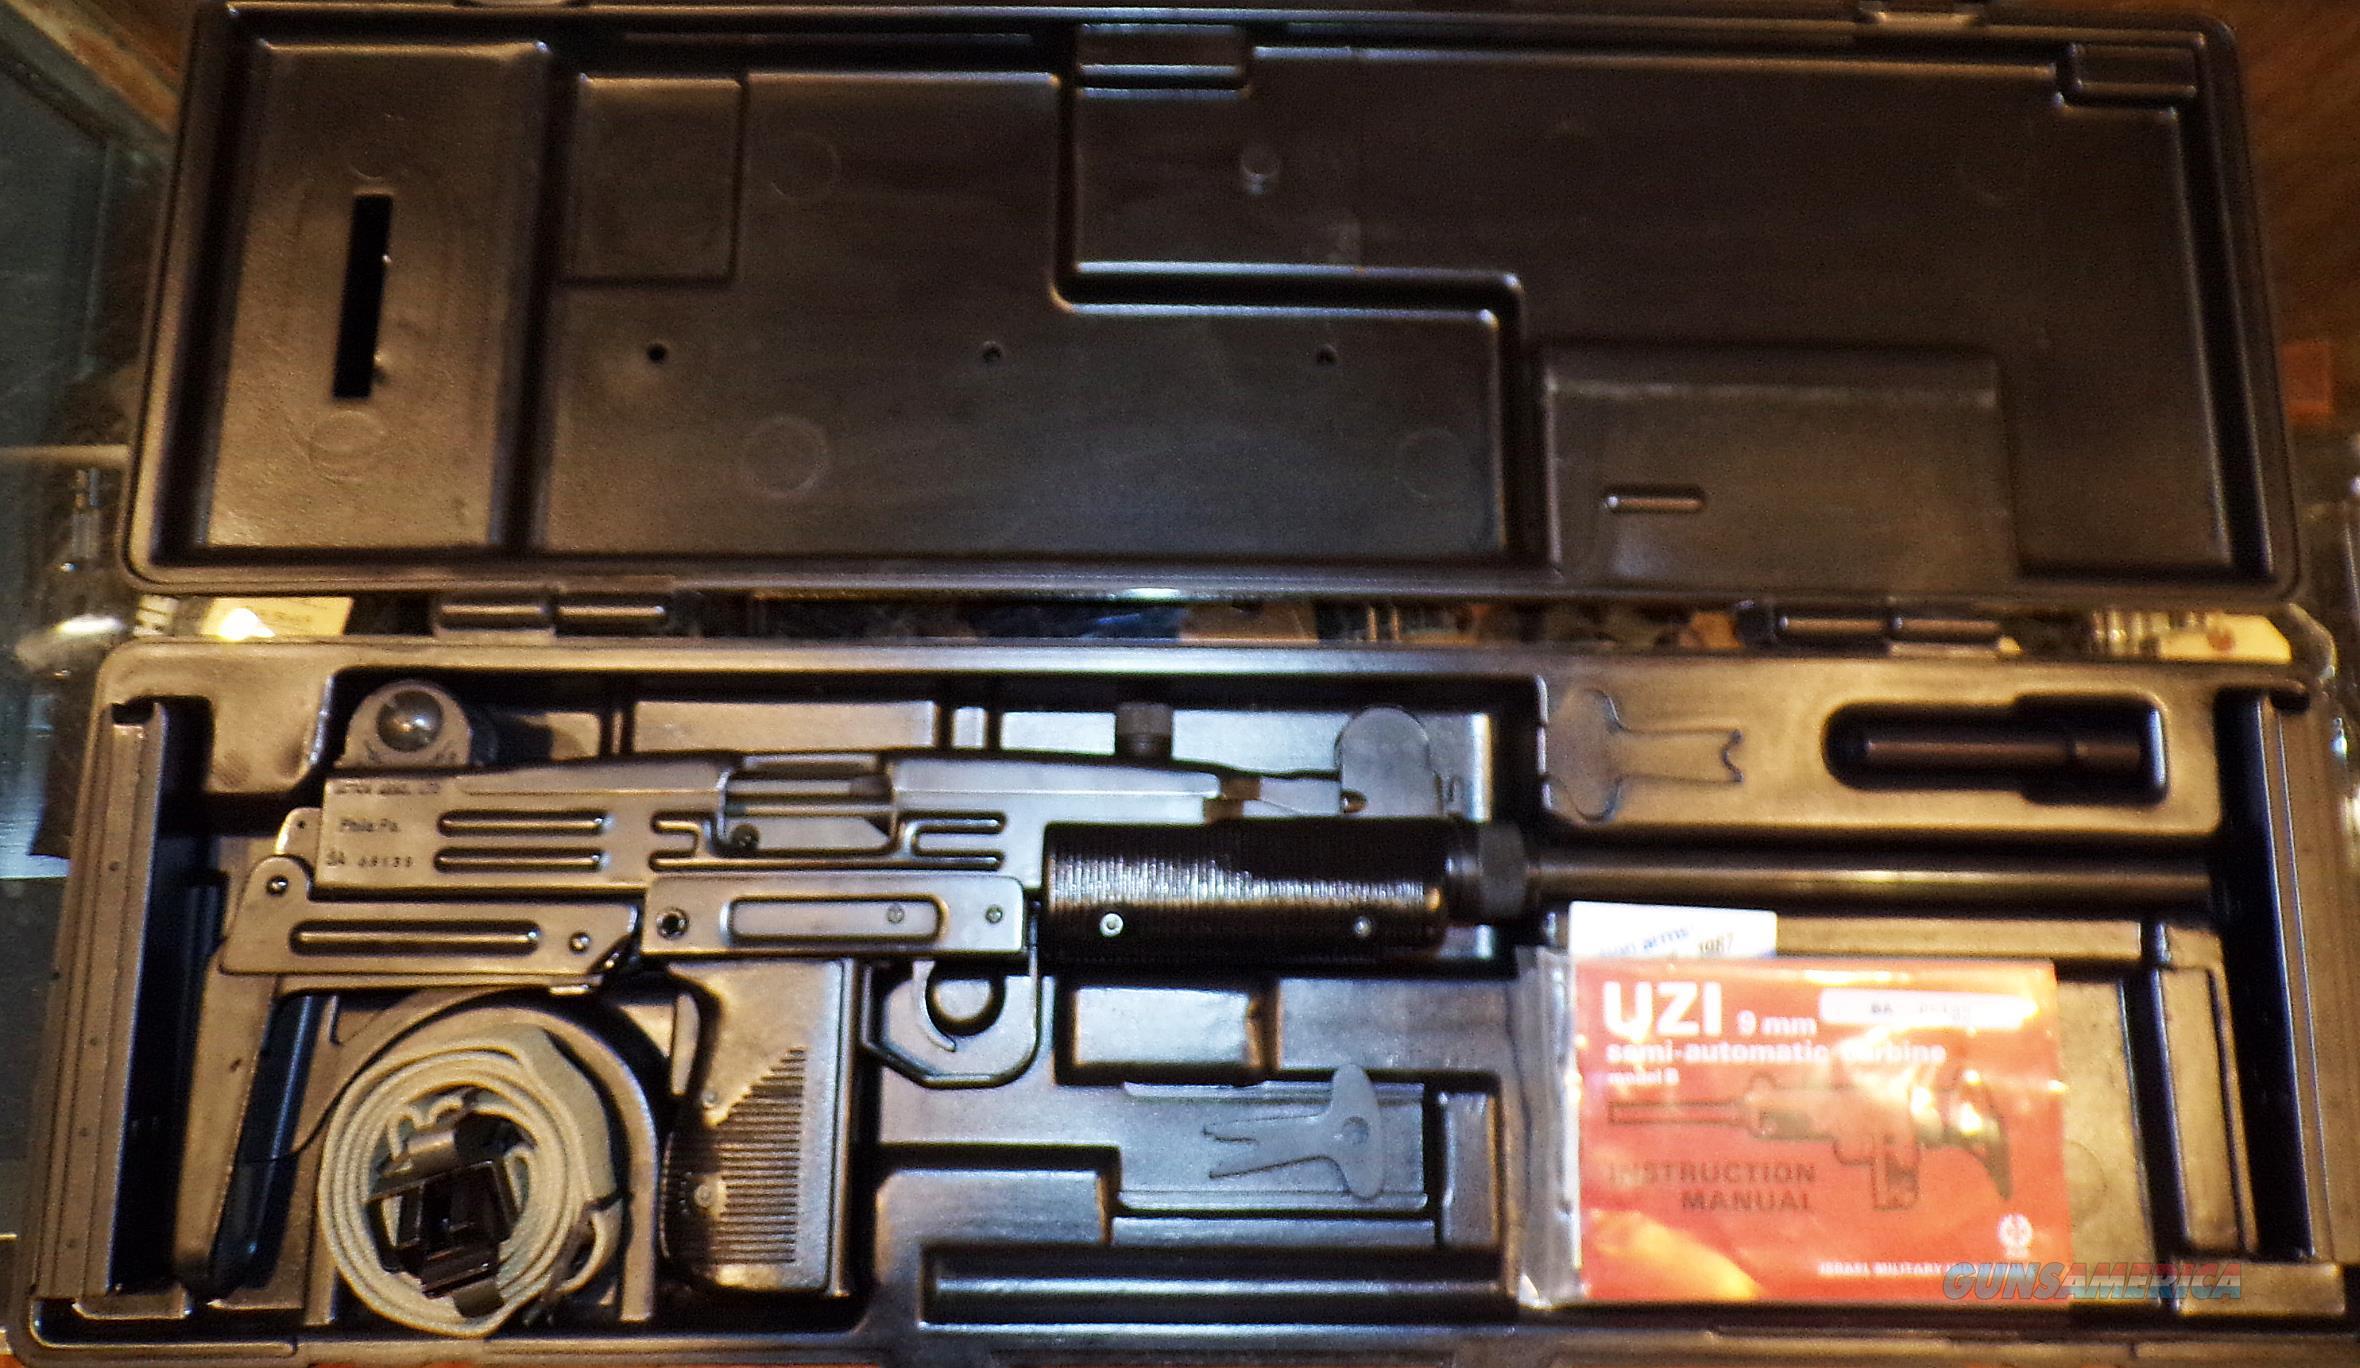 IMI UZI MODEL B  Guns > Rifles > IMI Rifles